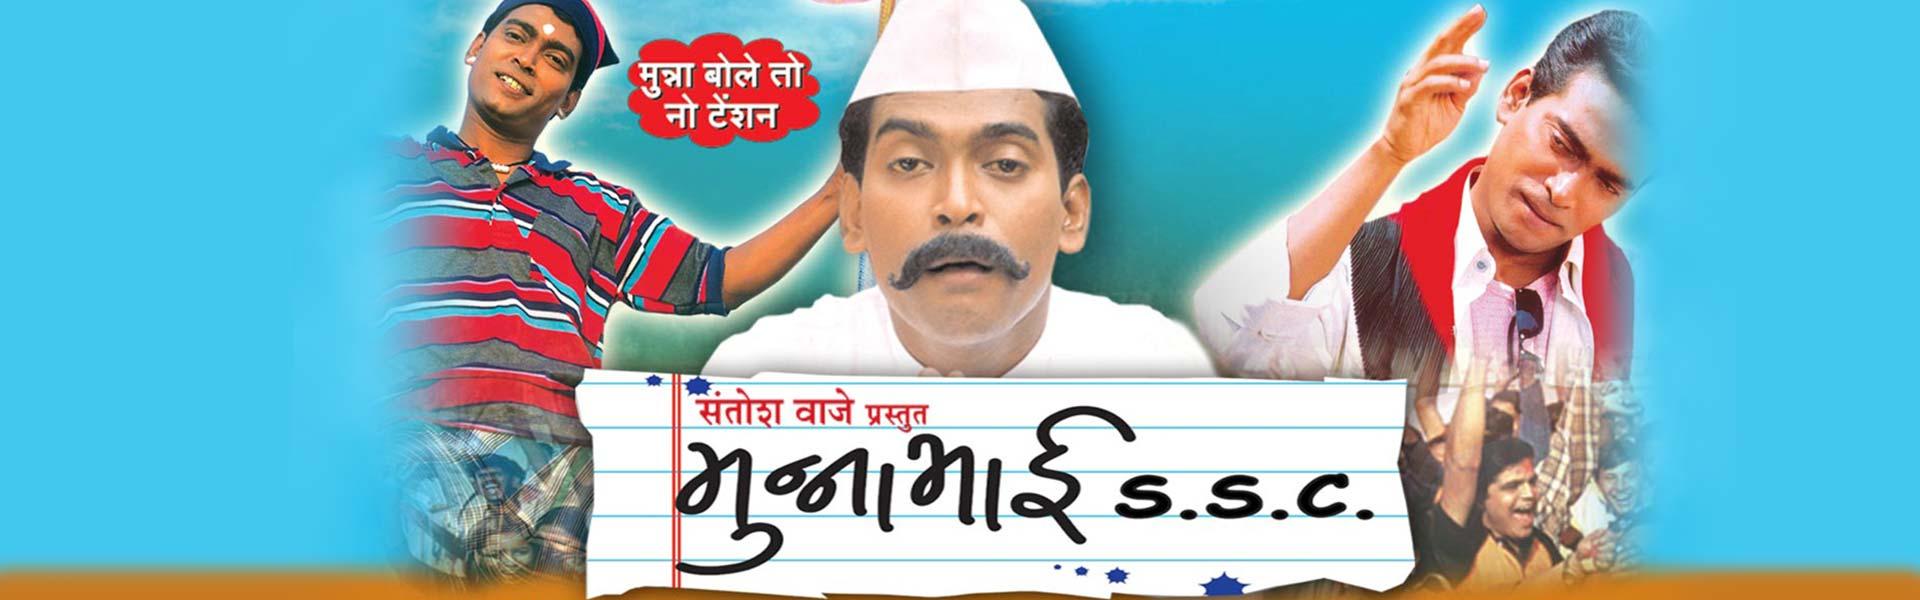 Munnabhai S.S.C.